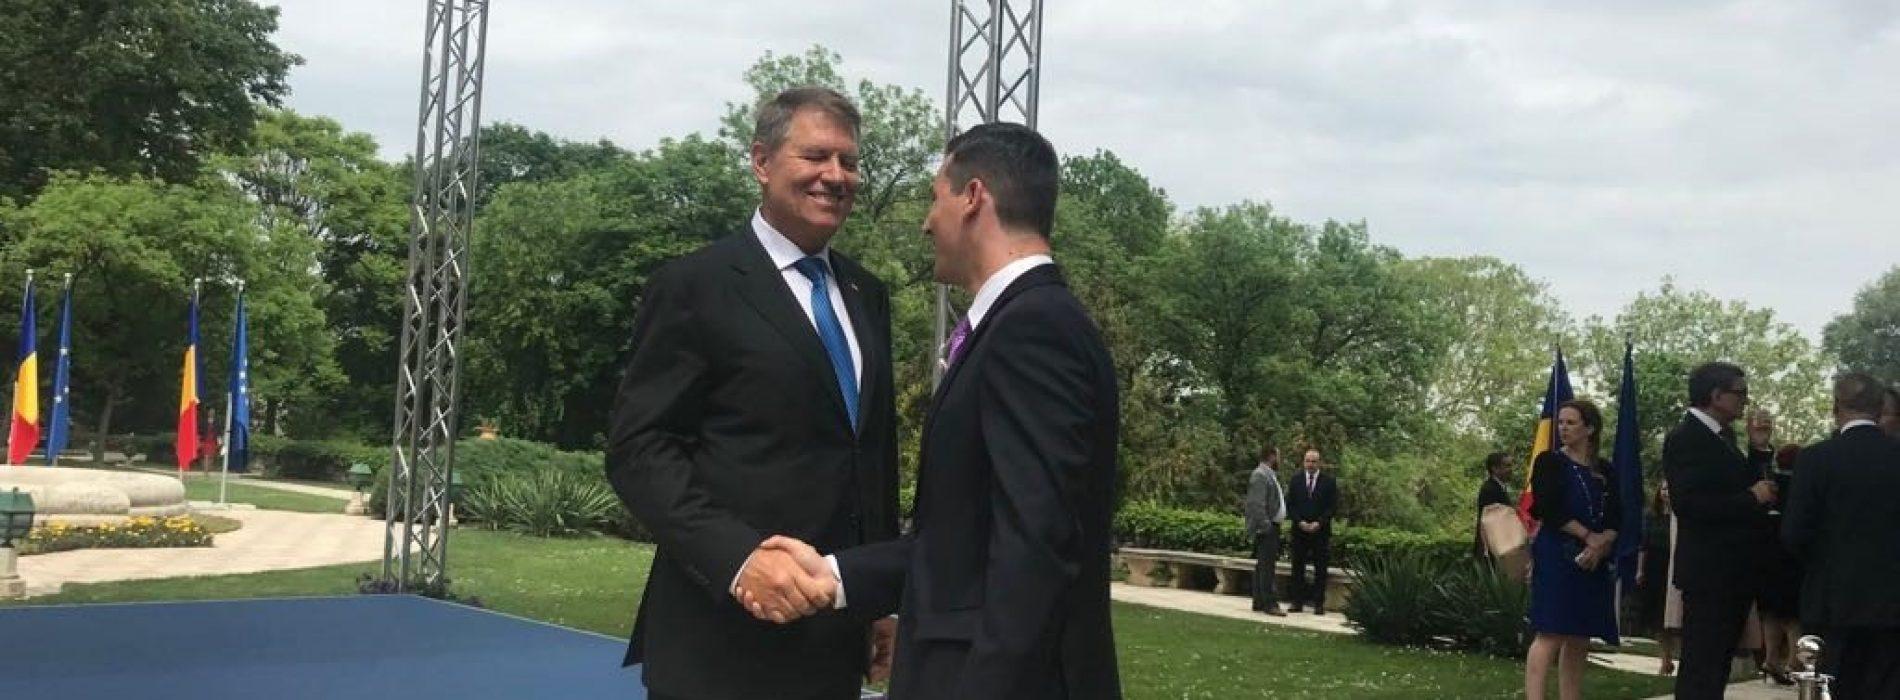 Klaus Iohannis, SUSȚINUT de PNL, are toate șansele pentru a obține un NOU MANDAT de PREȘEDINTE